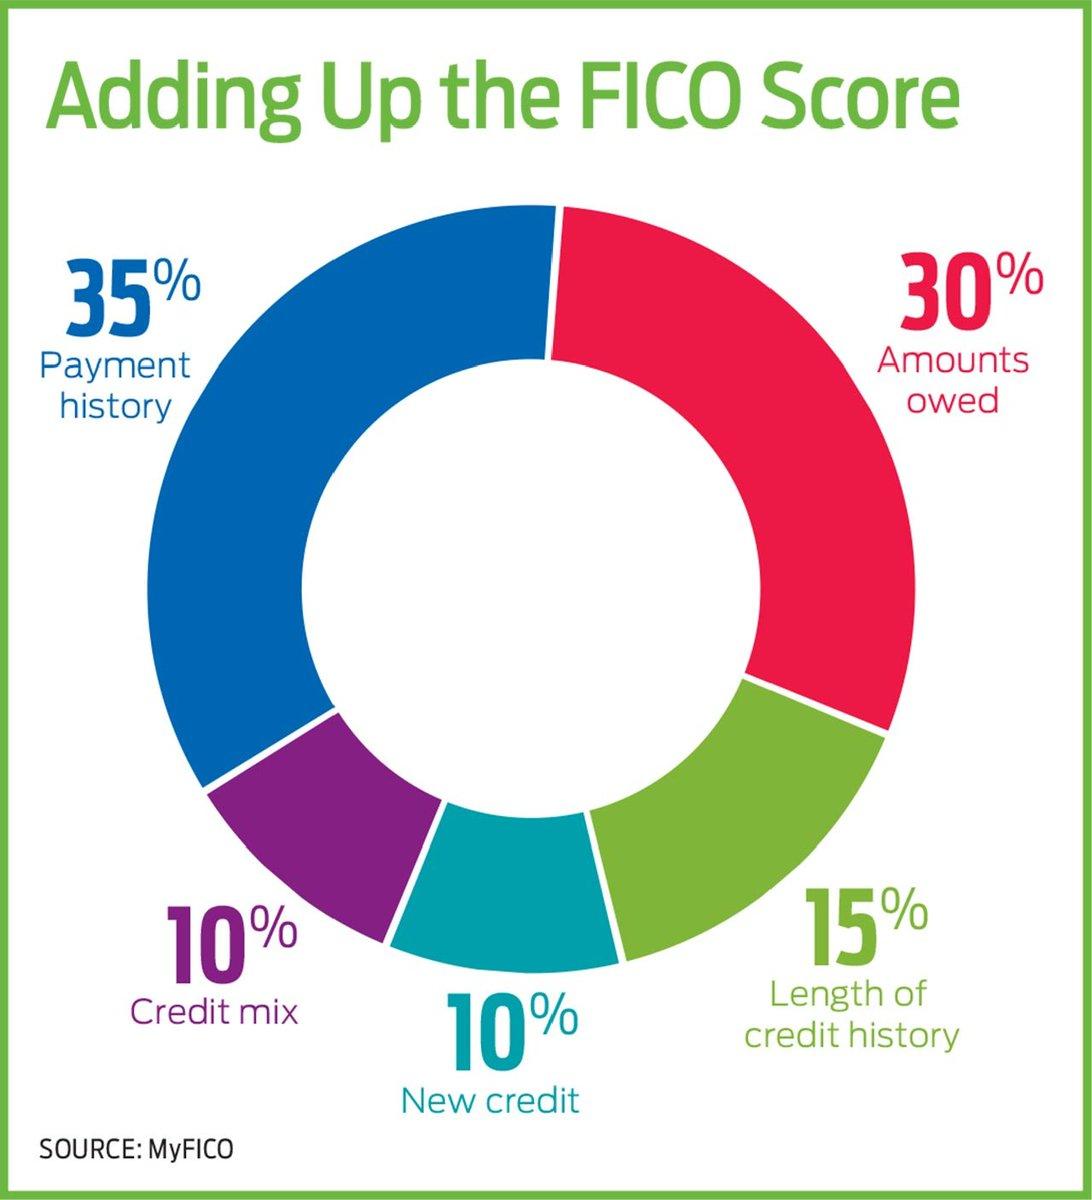 USはクレジットスコアで人間の格付けが決まってしまう側面があり、スコアは1,送れずの支払い、2,限度額に対する使用額(小さいほどよい)、3,クレジットカードの平均しよう月数(大きいほどよい)等で決まるので。多めのクレジットカードを長期間保持したほうが良い。🙂